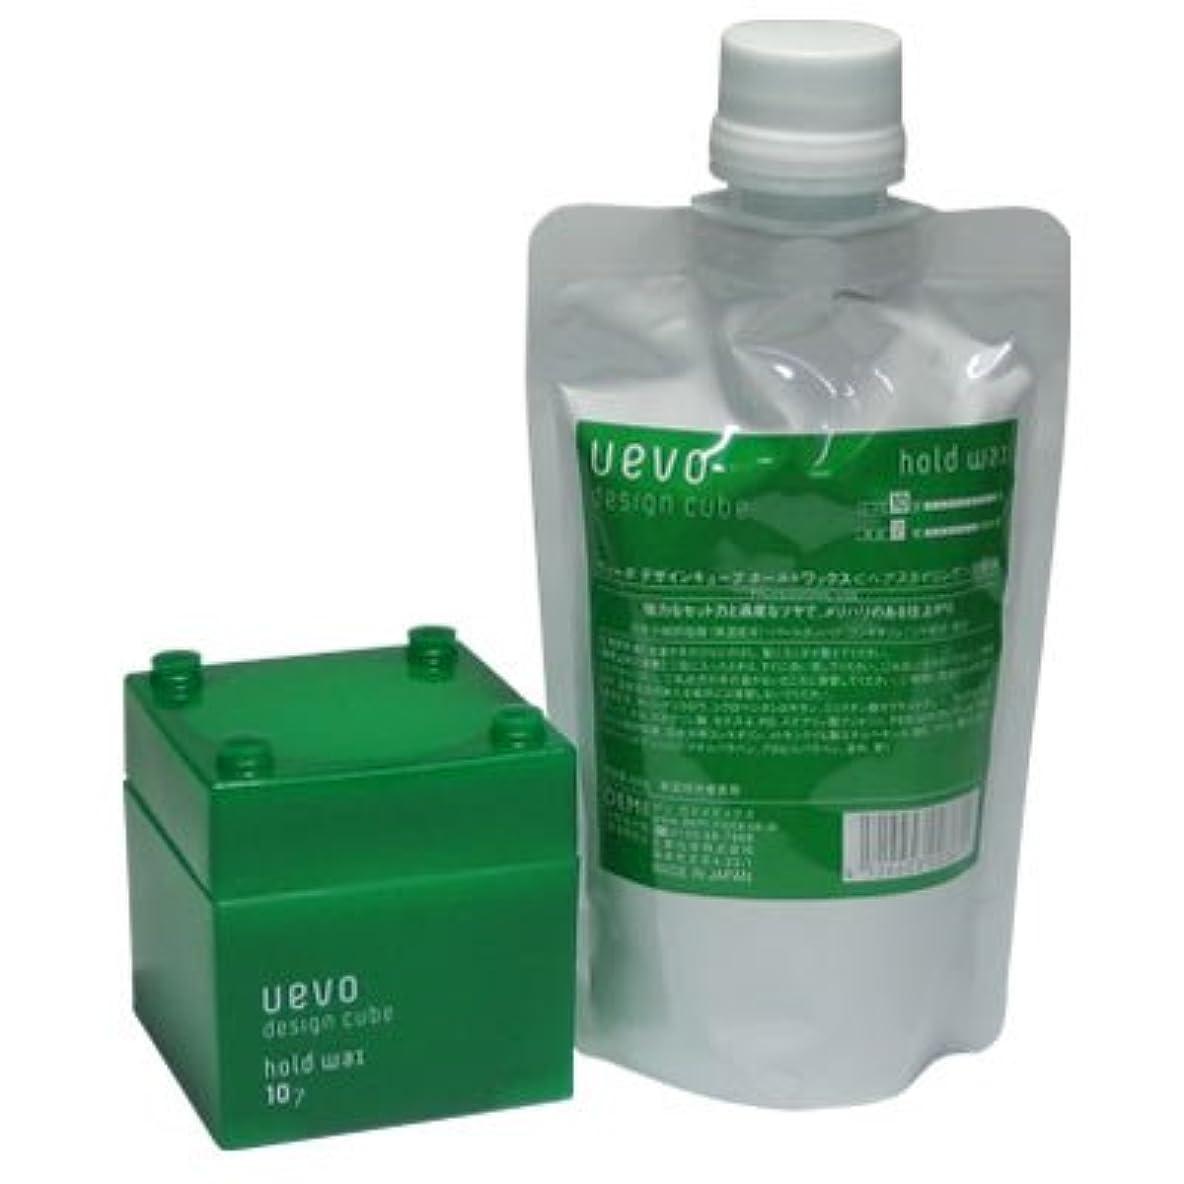 定数反毒重要デミ ウェーボ デザインキューブ ホールドワックス 10-7 80g&200g